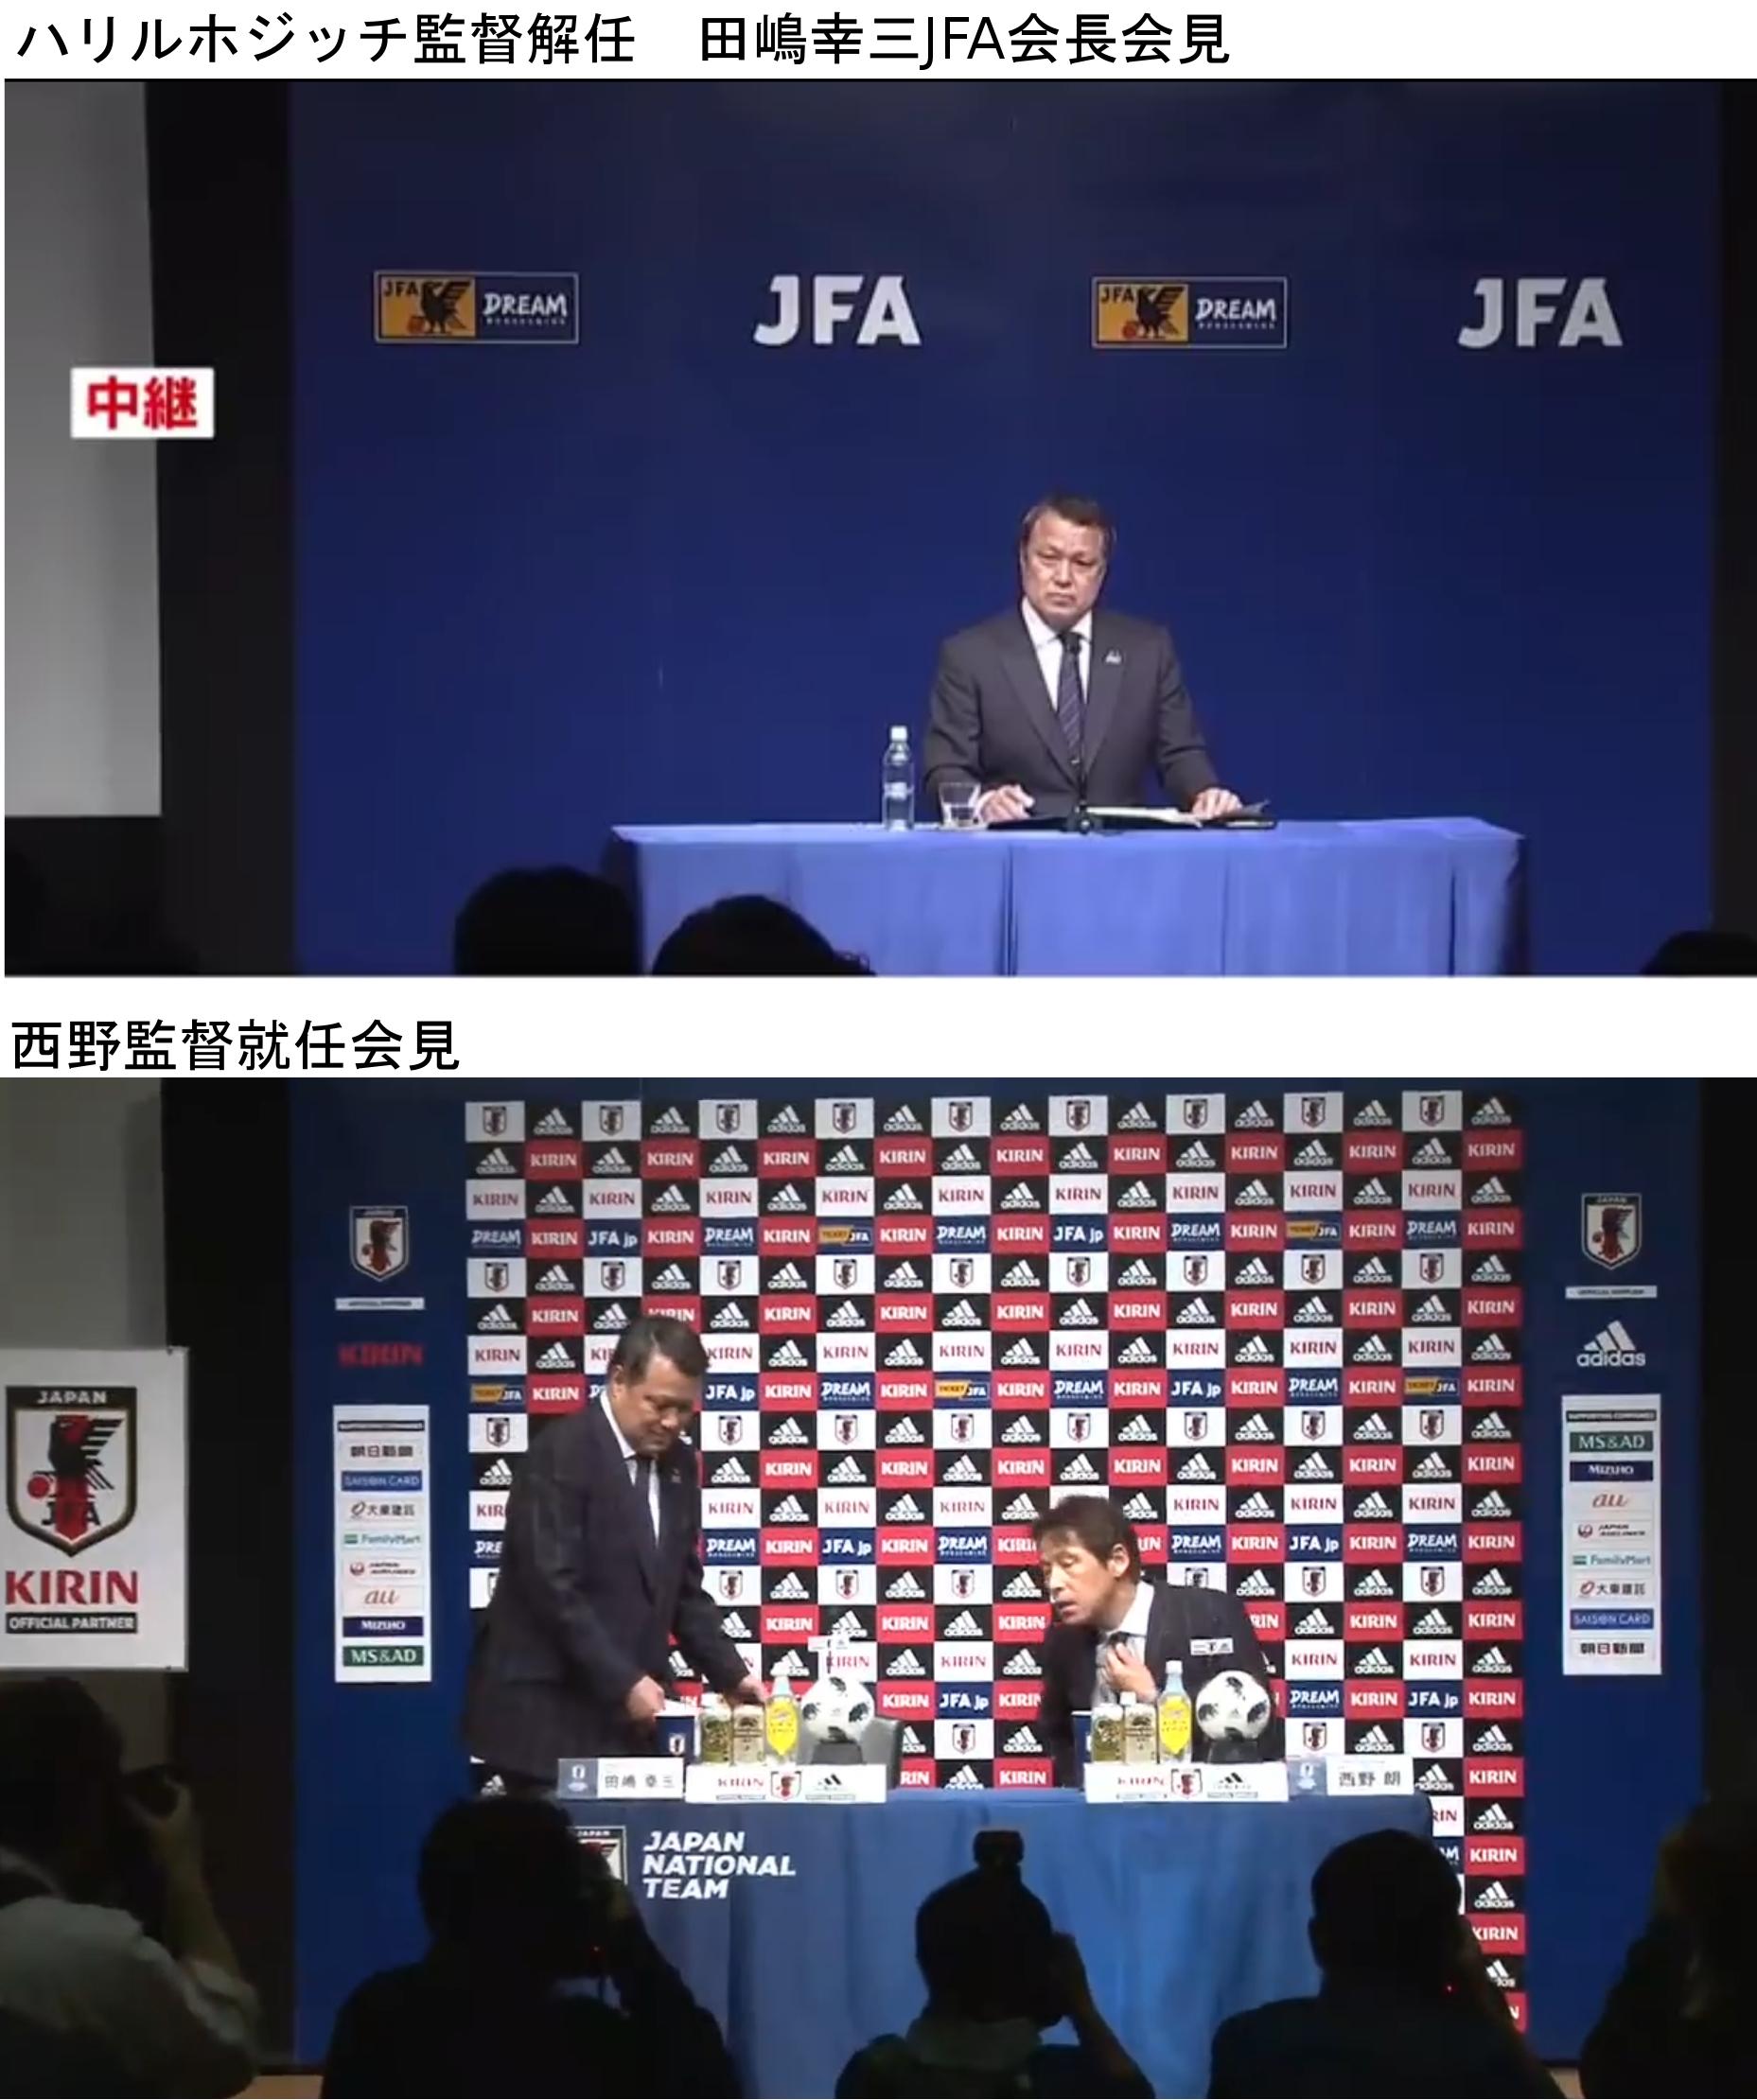 田嶋会見スポンサー背景